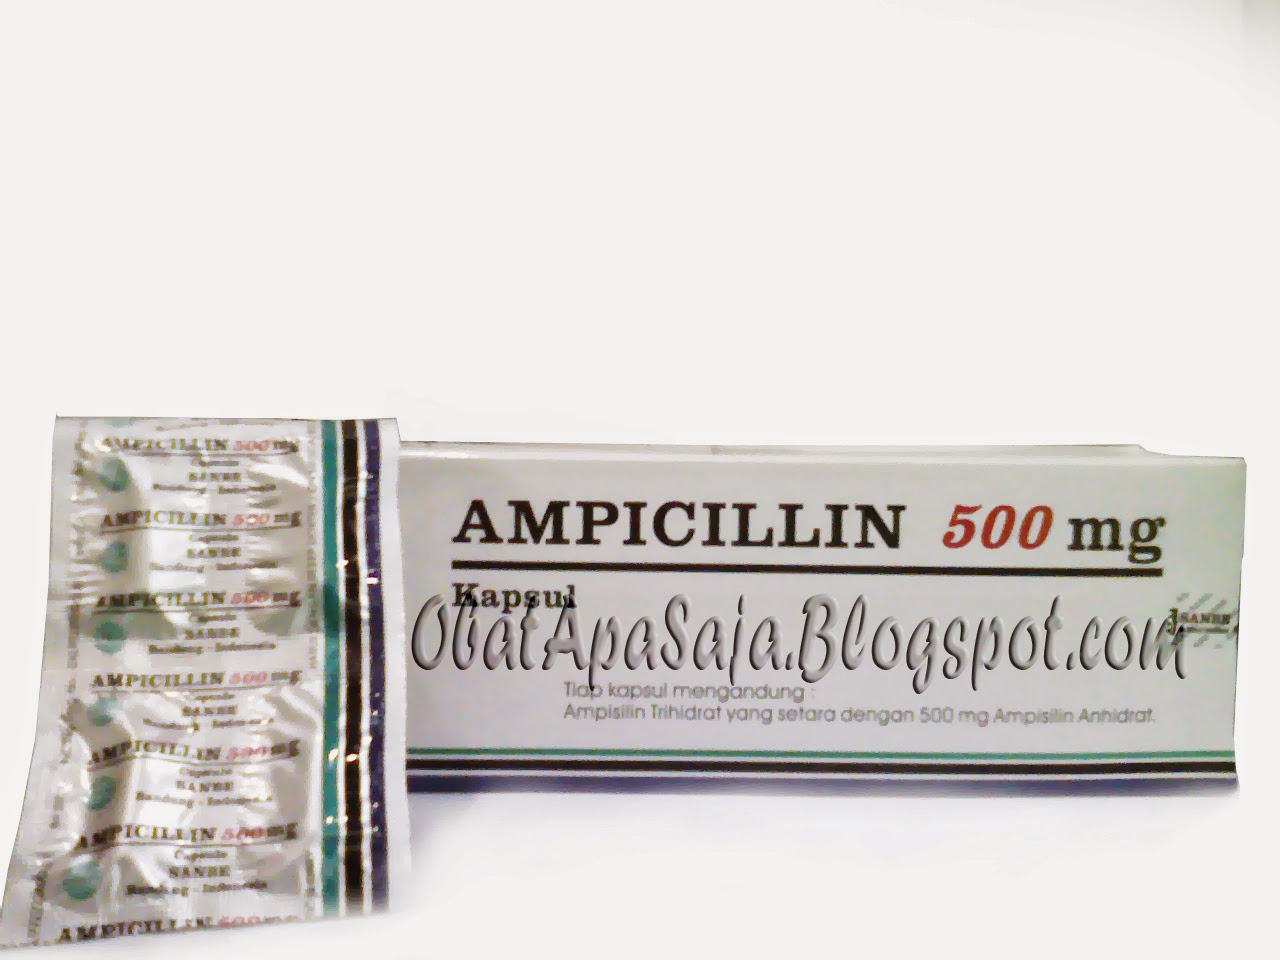 Ampulicillin